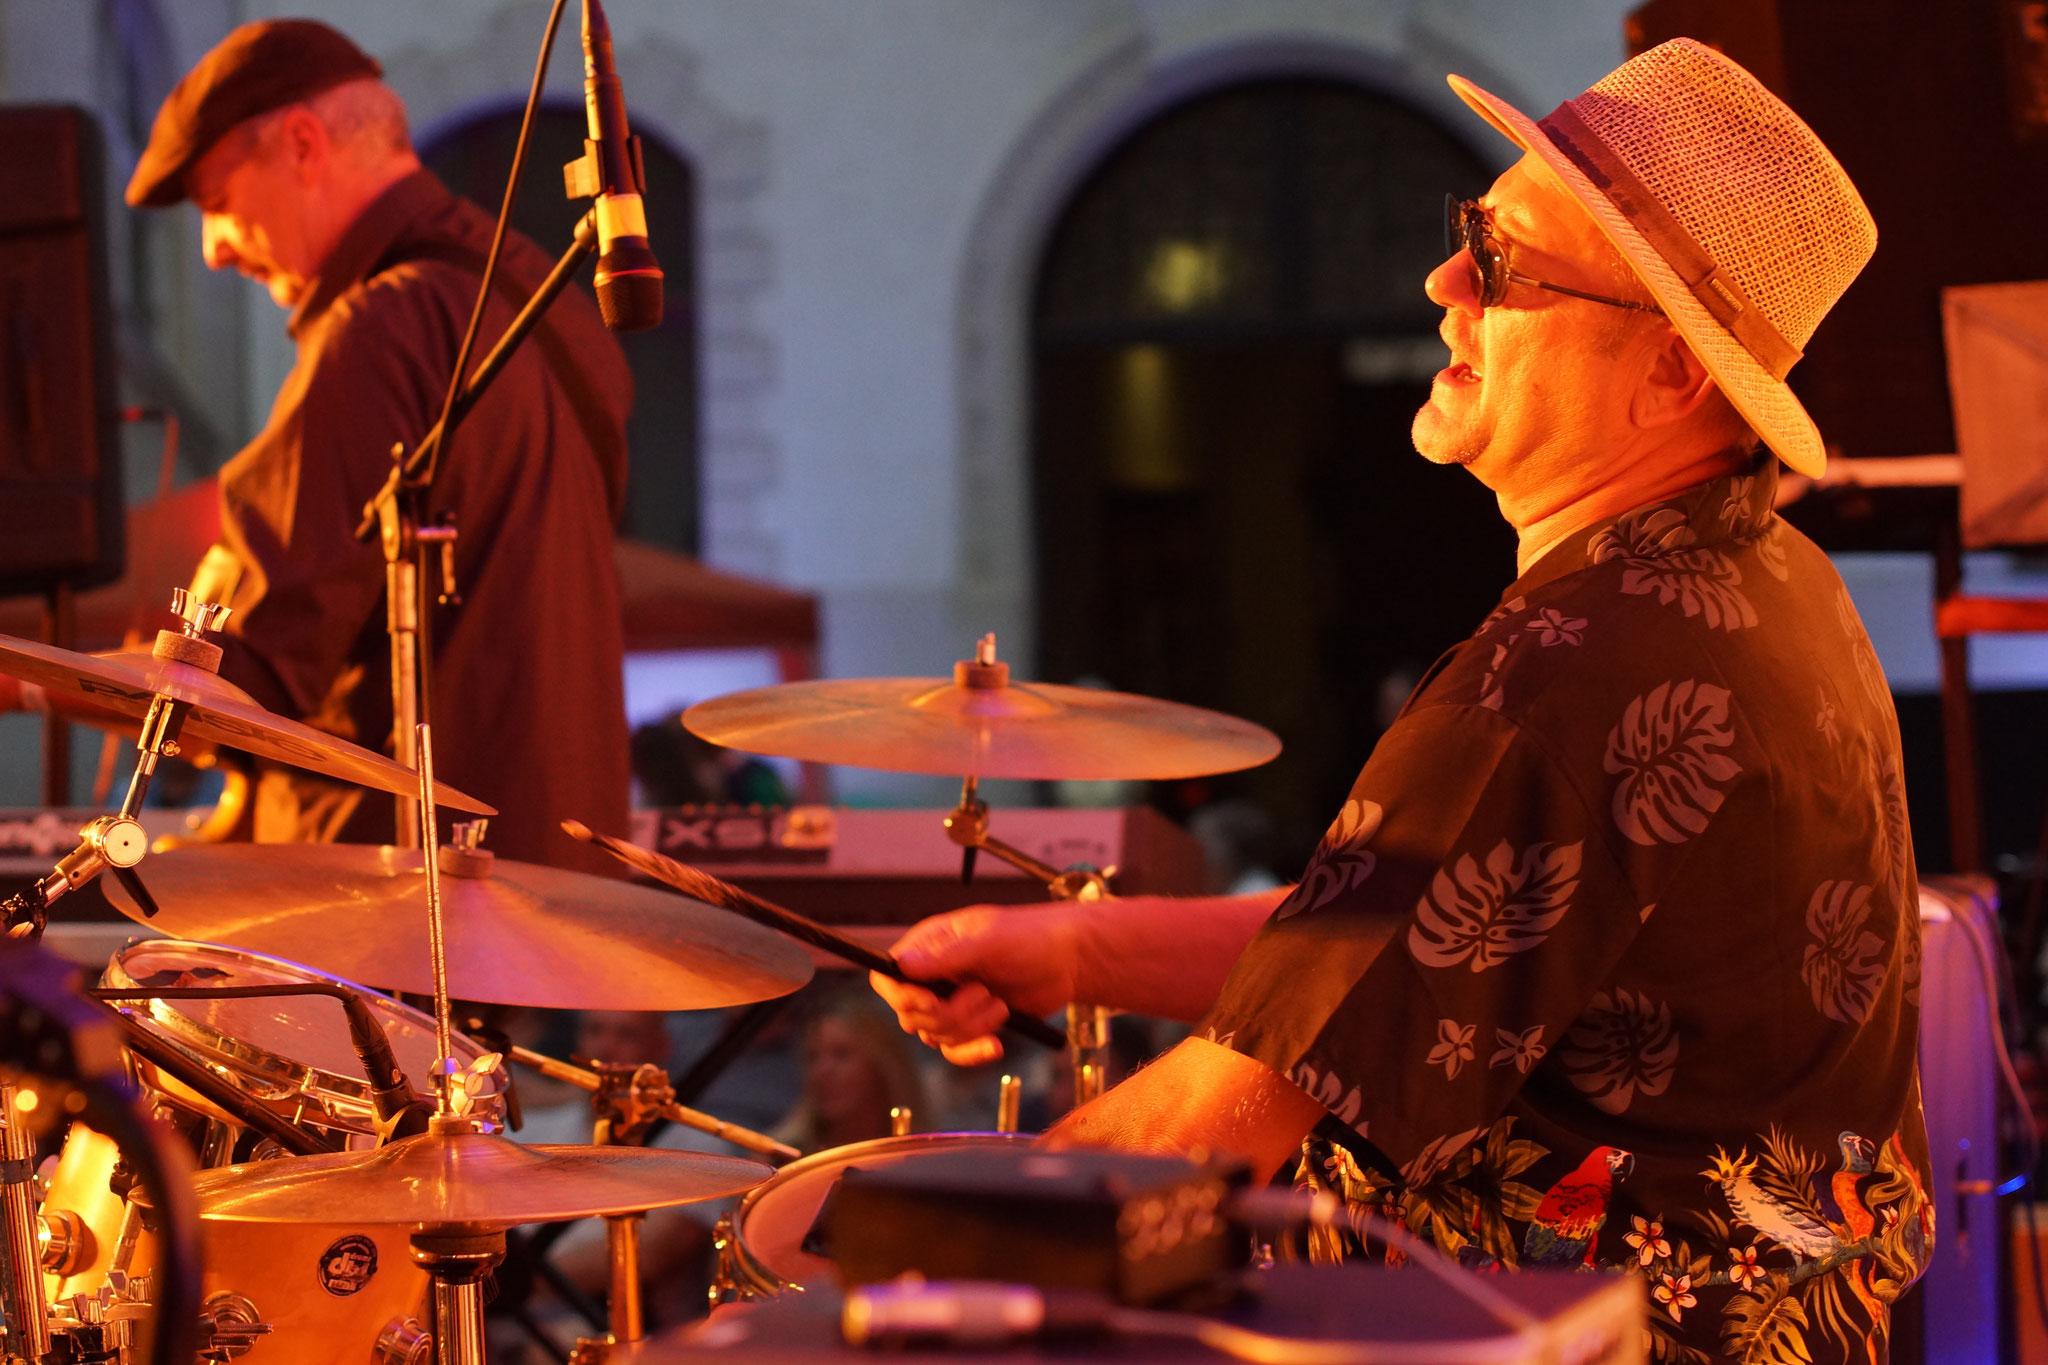 Konzerte im Bürgerhof 08.07.16 VOXI & die Zechpreller - Freiwilligen-Zentrum Augsburg - Foto: Crayfish